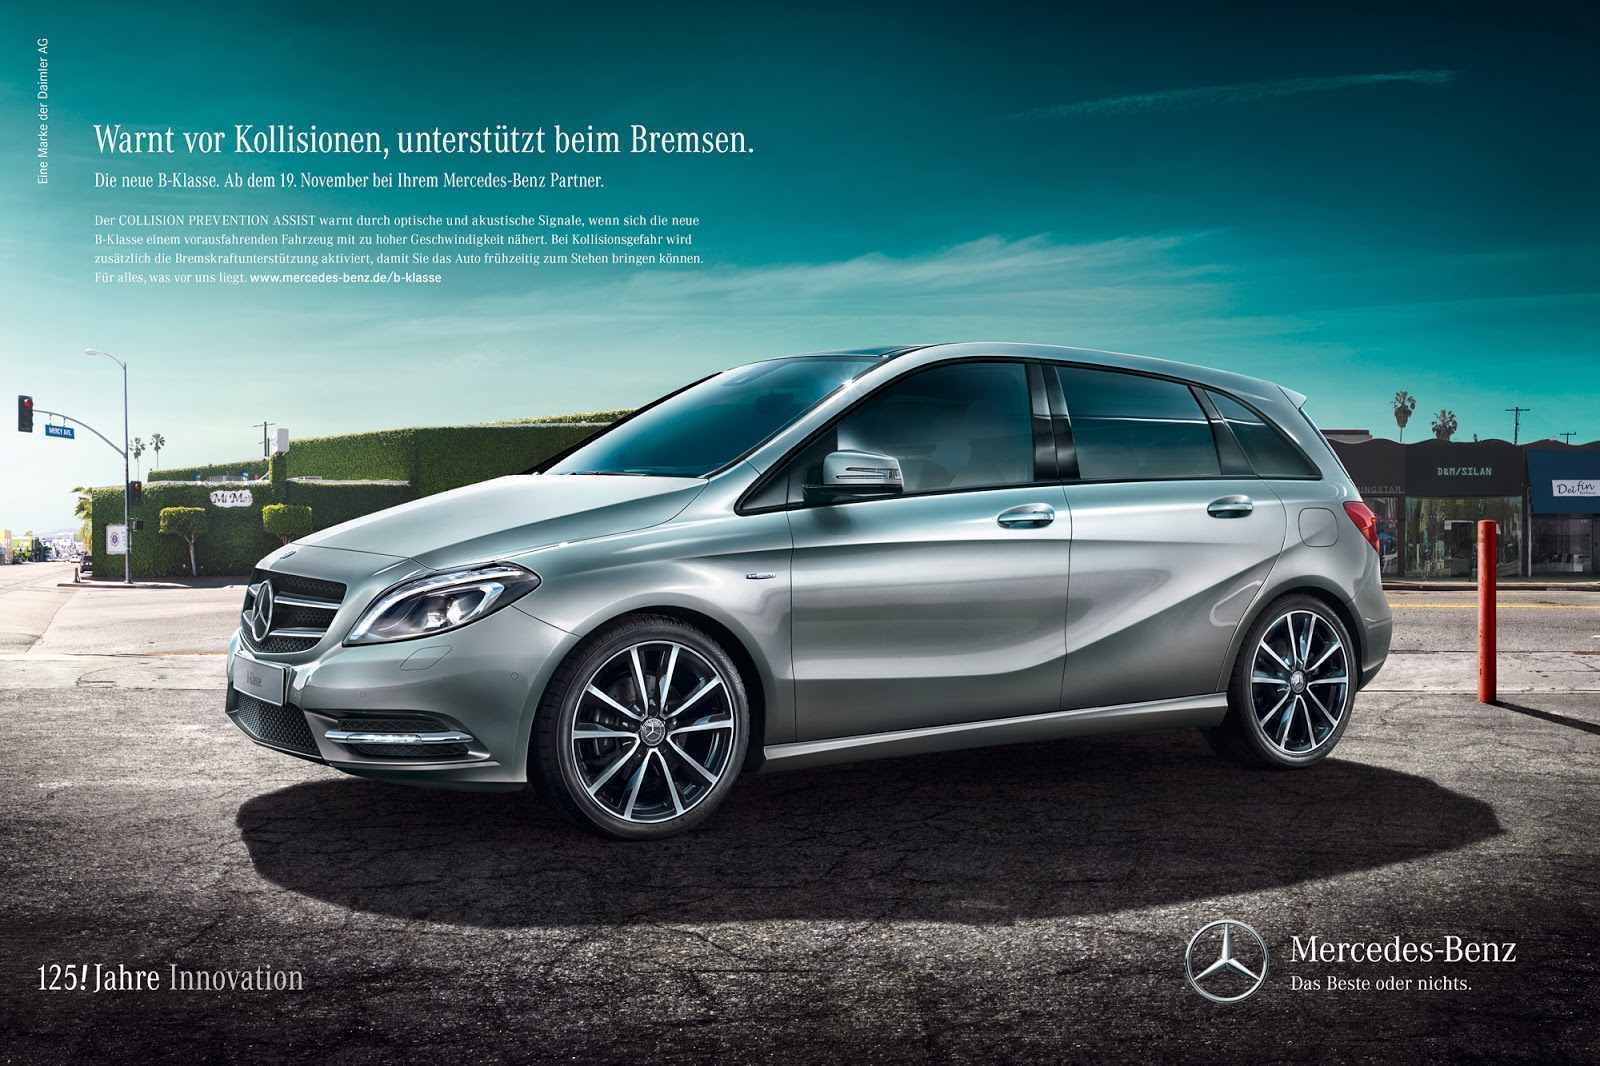 Auto Werbung